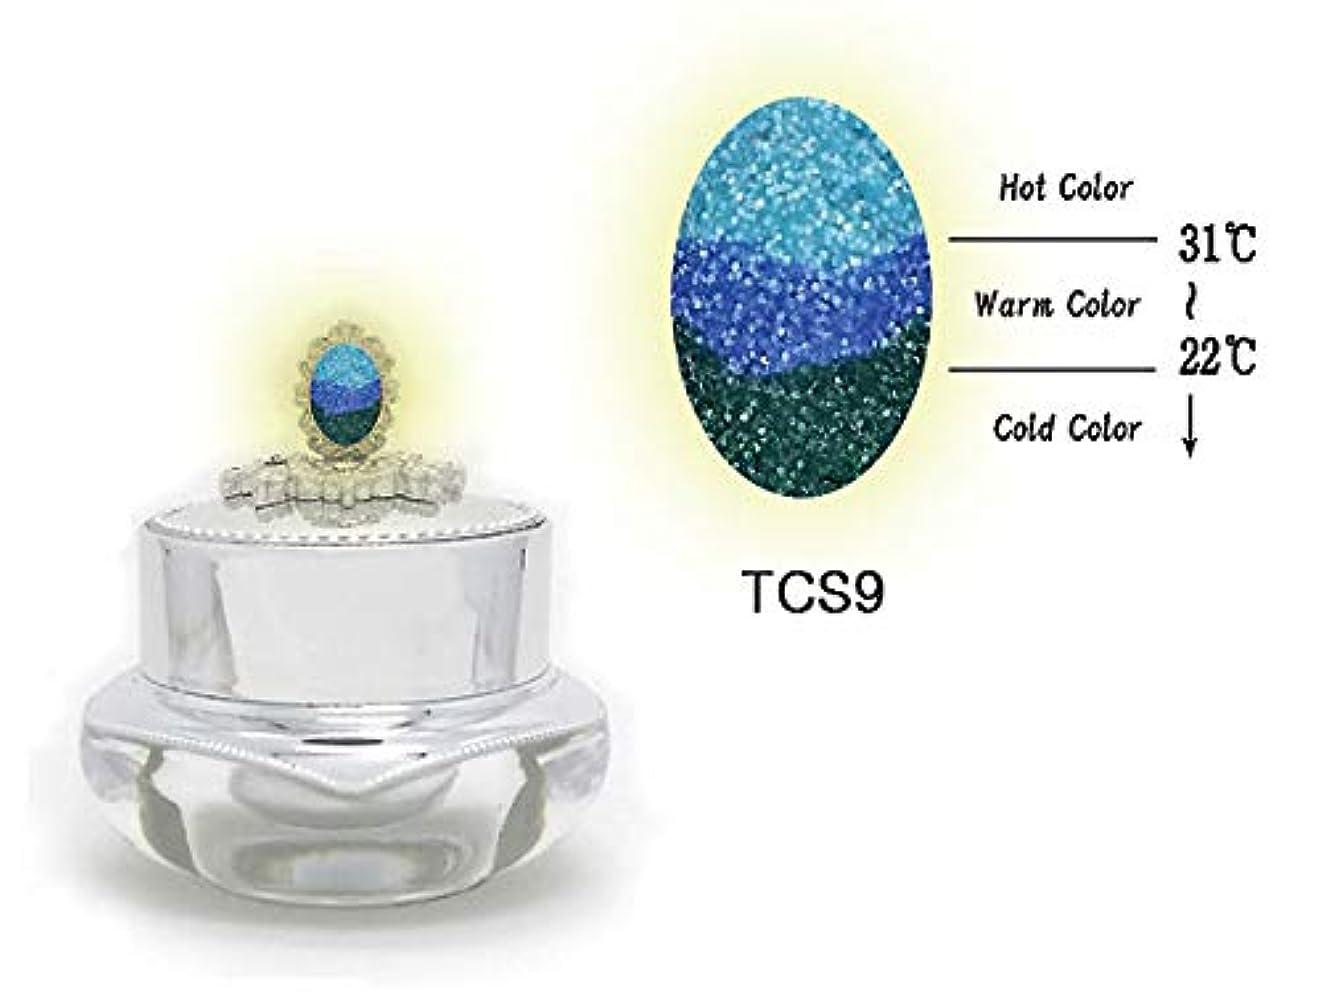 利用可能一緒忠実にKENZICO (ケンジコ) Triple Sugar Gel一般用3g 【TCS9】 3つの色に変わる夜光ジェル トリプルシュガージェル